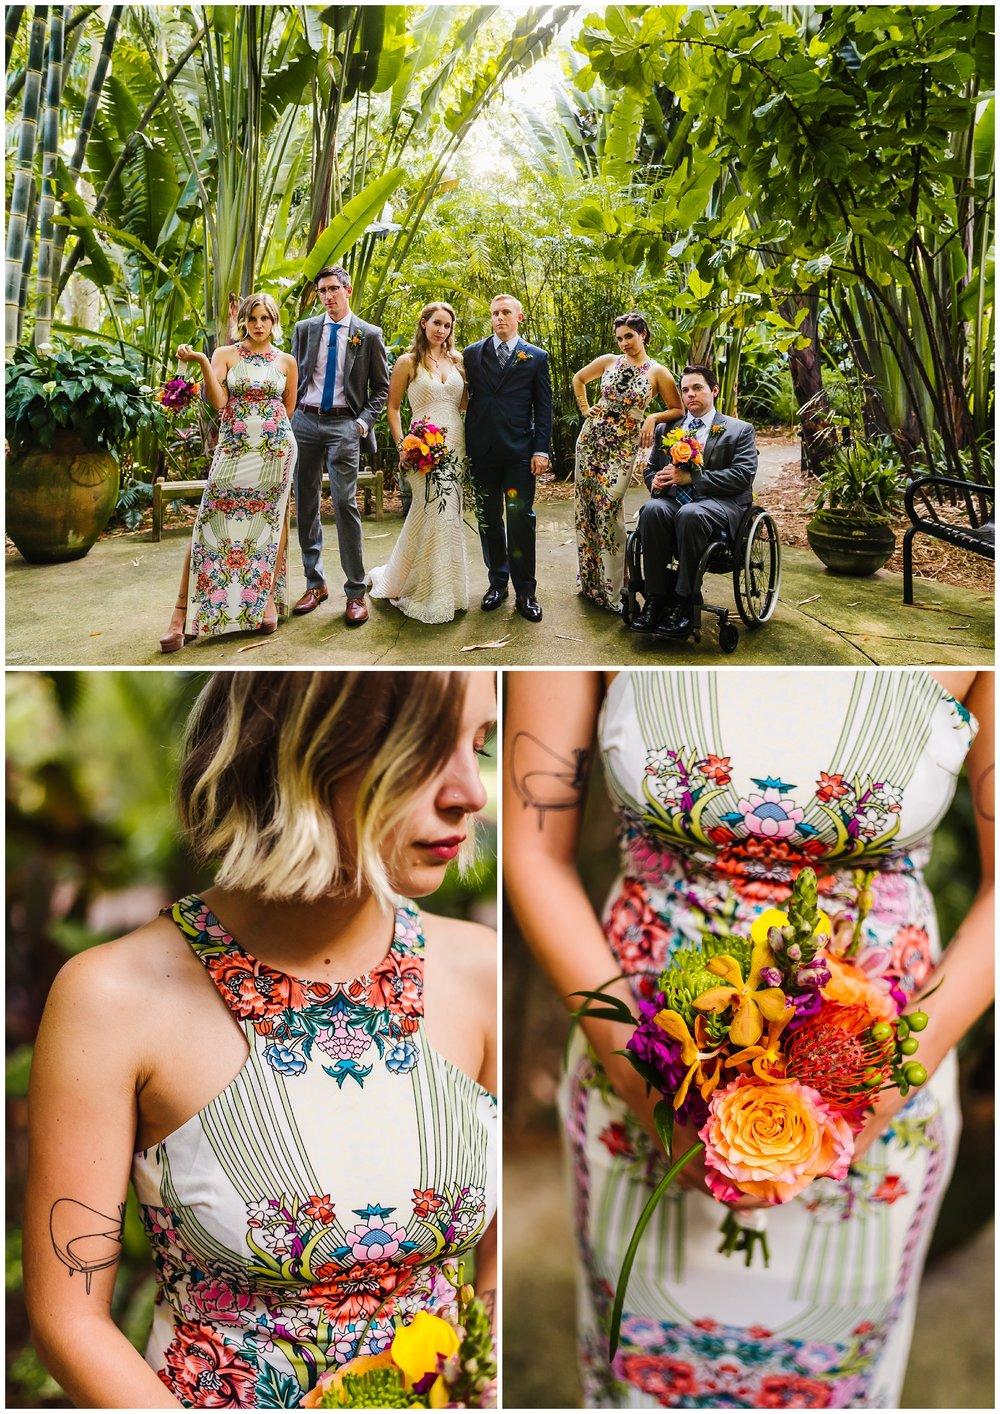 st-pete-wedding-photographer-post-card-inn-sunken-gardens-hawaiian-theme-dueling-pianos_0037.jpg